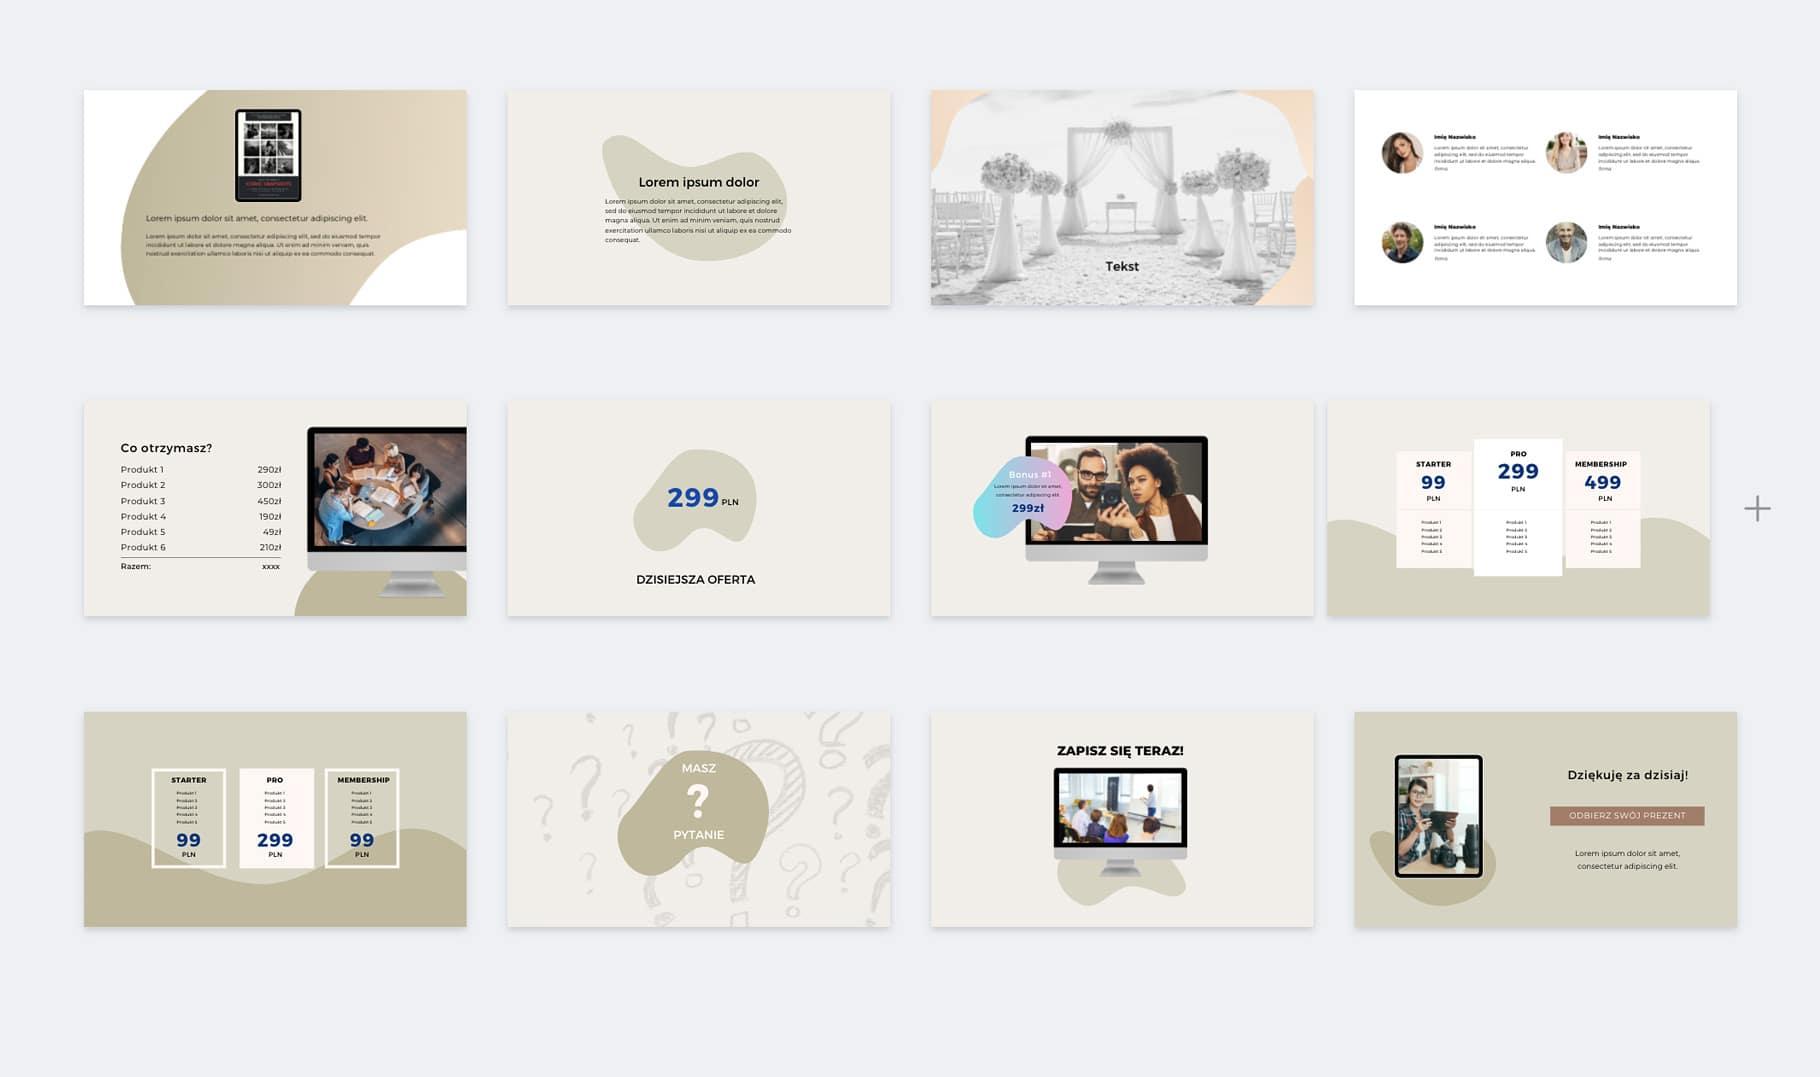 prezentacja slajdy